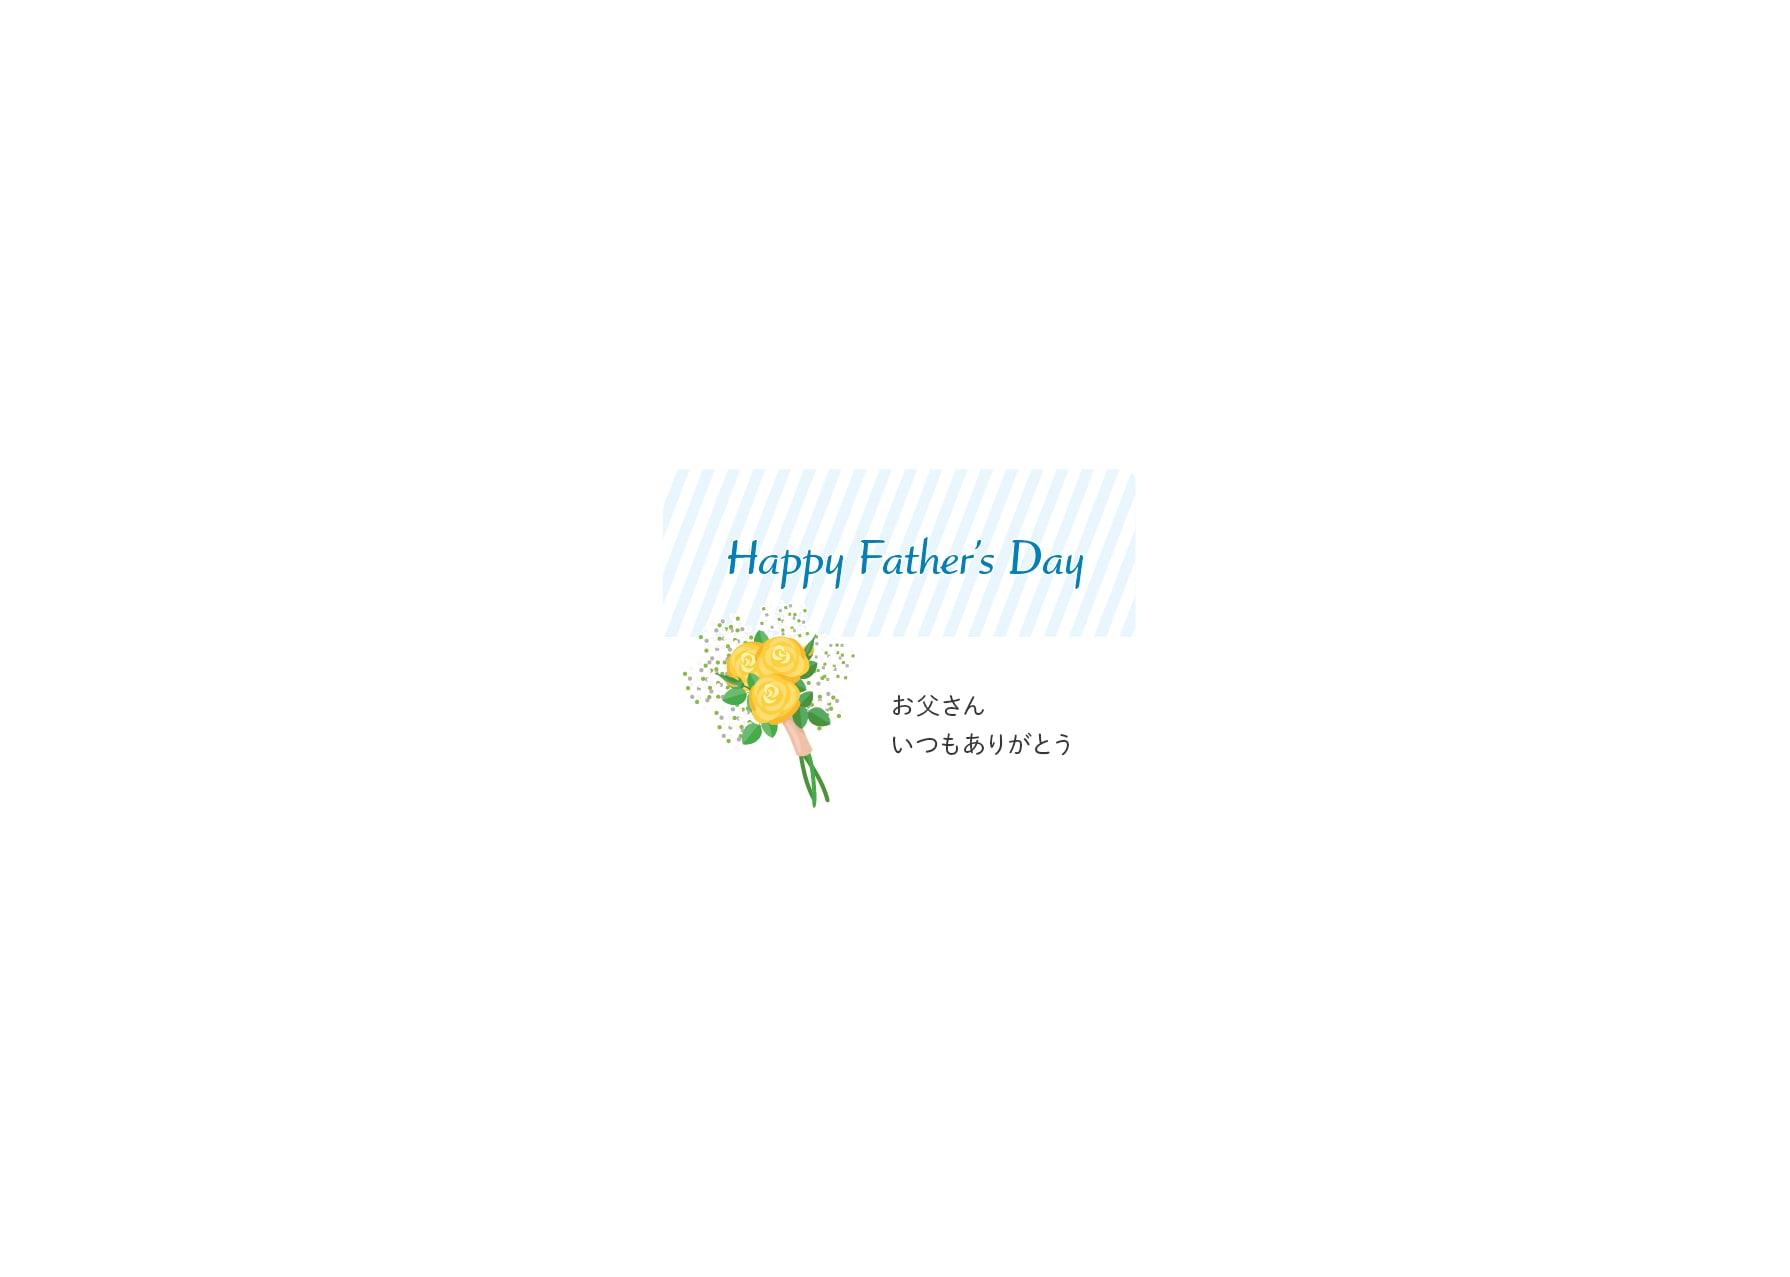 【父の日ギフト】三水亭 特選うなぎ蒲焼セット(ギフトボックス入り) 父の日カードをお付けしてお届けします